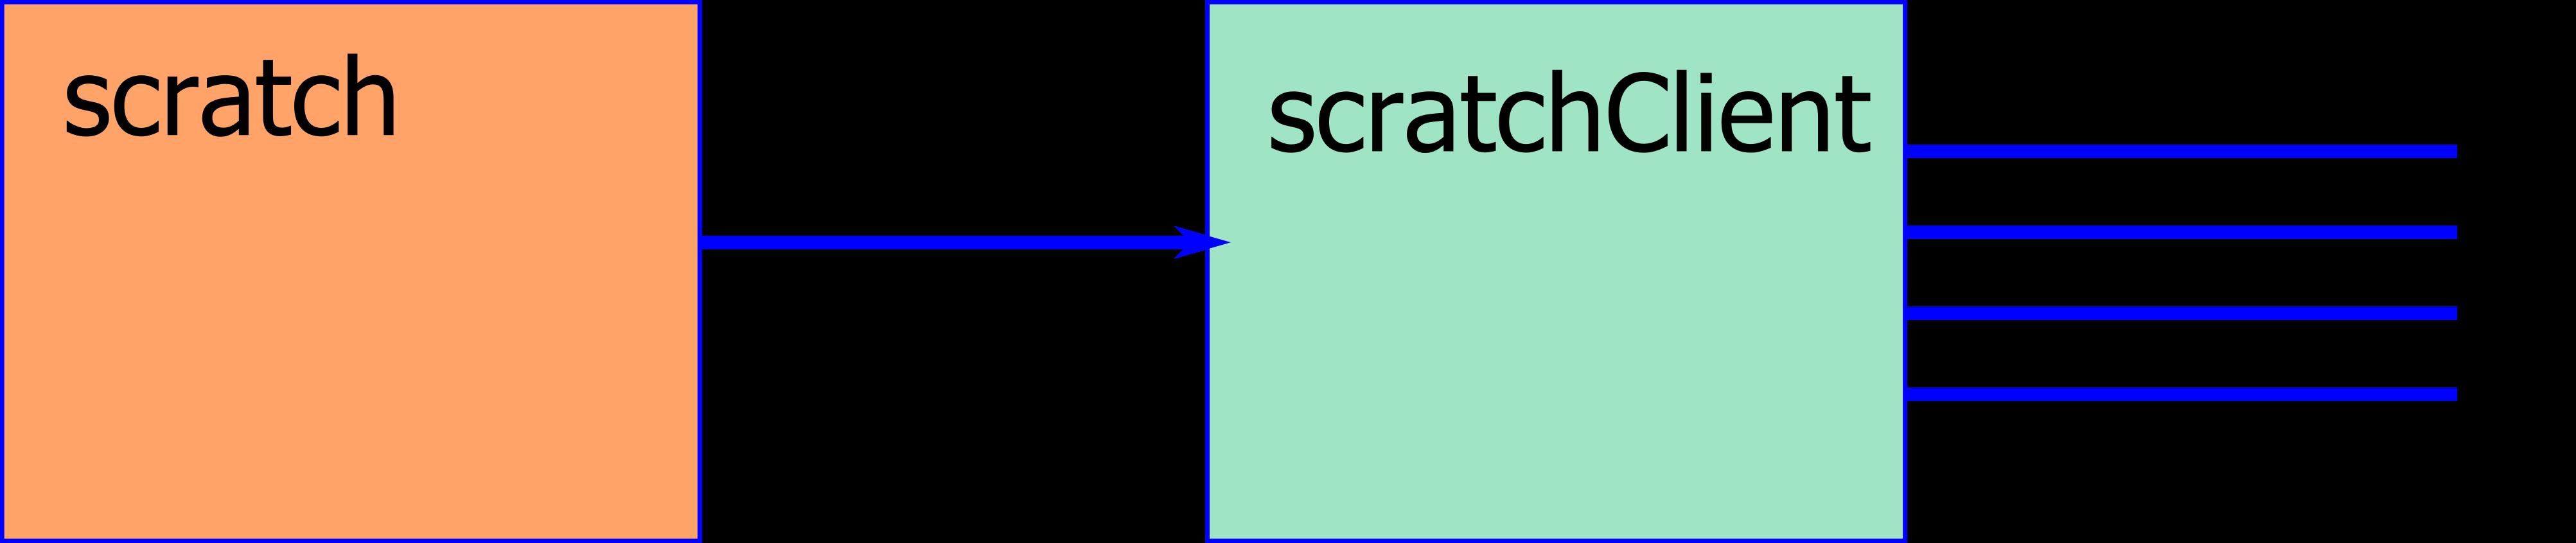 scratch_variables_scratchClient